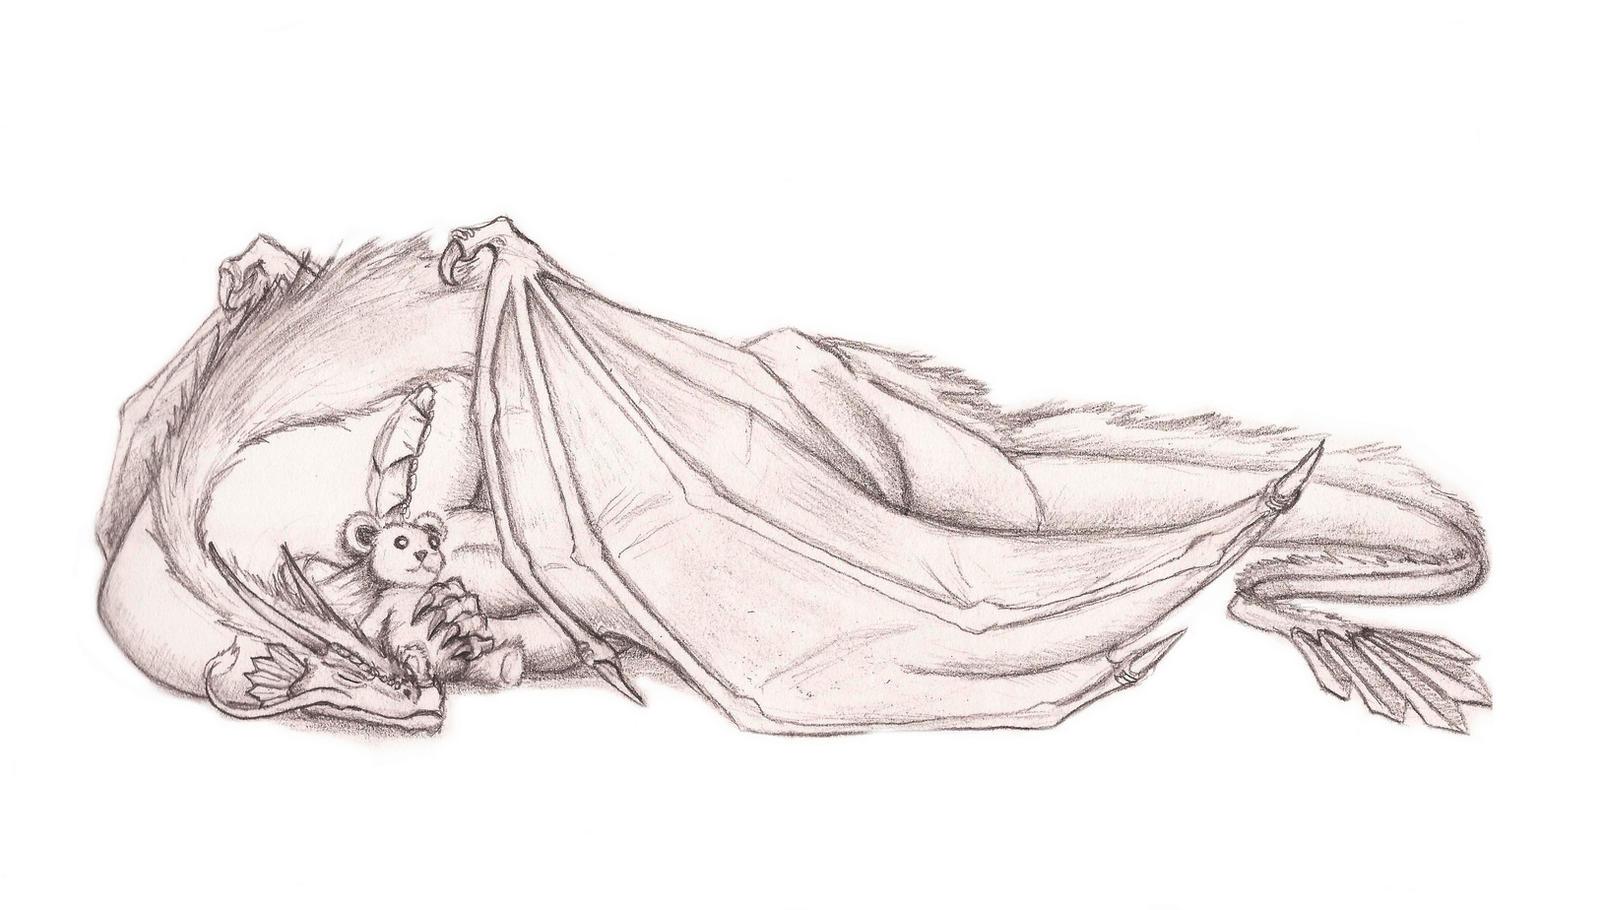 Sleepy Dragon's Teddy by Legend13